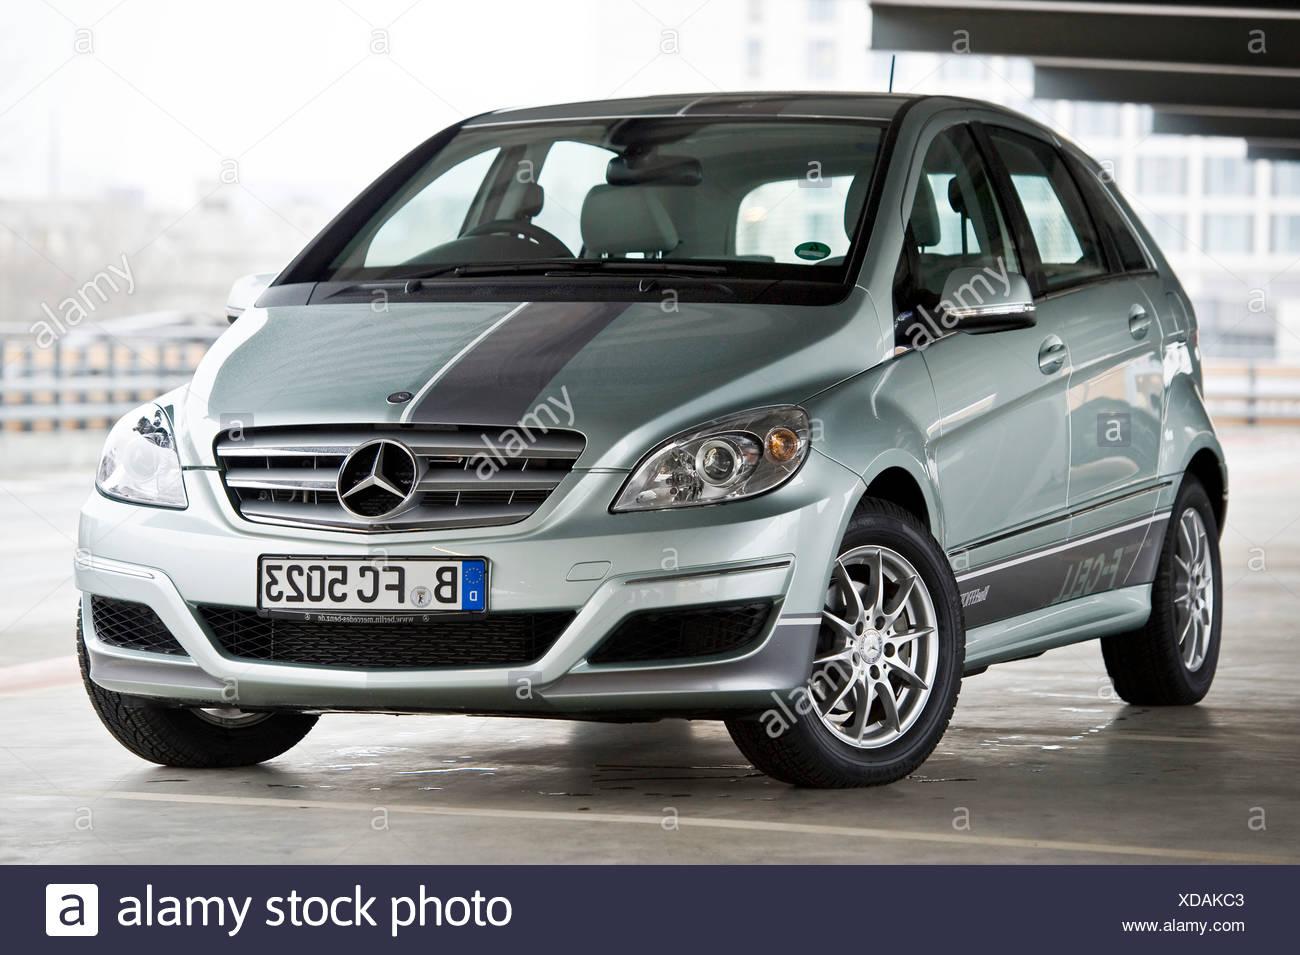 Wasserstoff-Brennstoffzellen-Fahrzeug, Mercedes B-Klasse Null-Emission, Berlin, Deutschland, Europa Stockbild